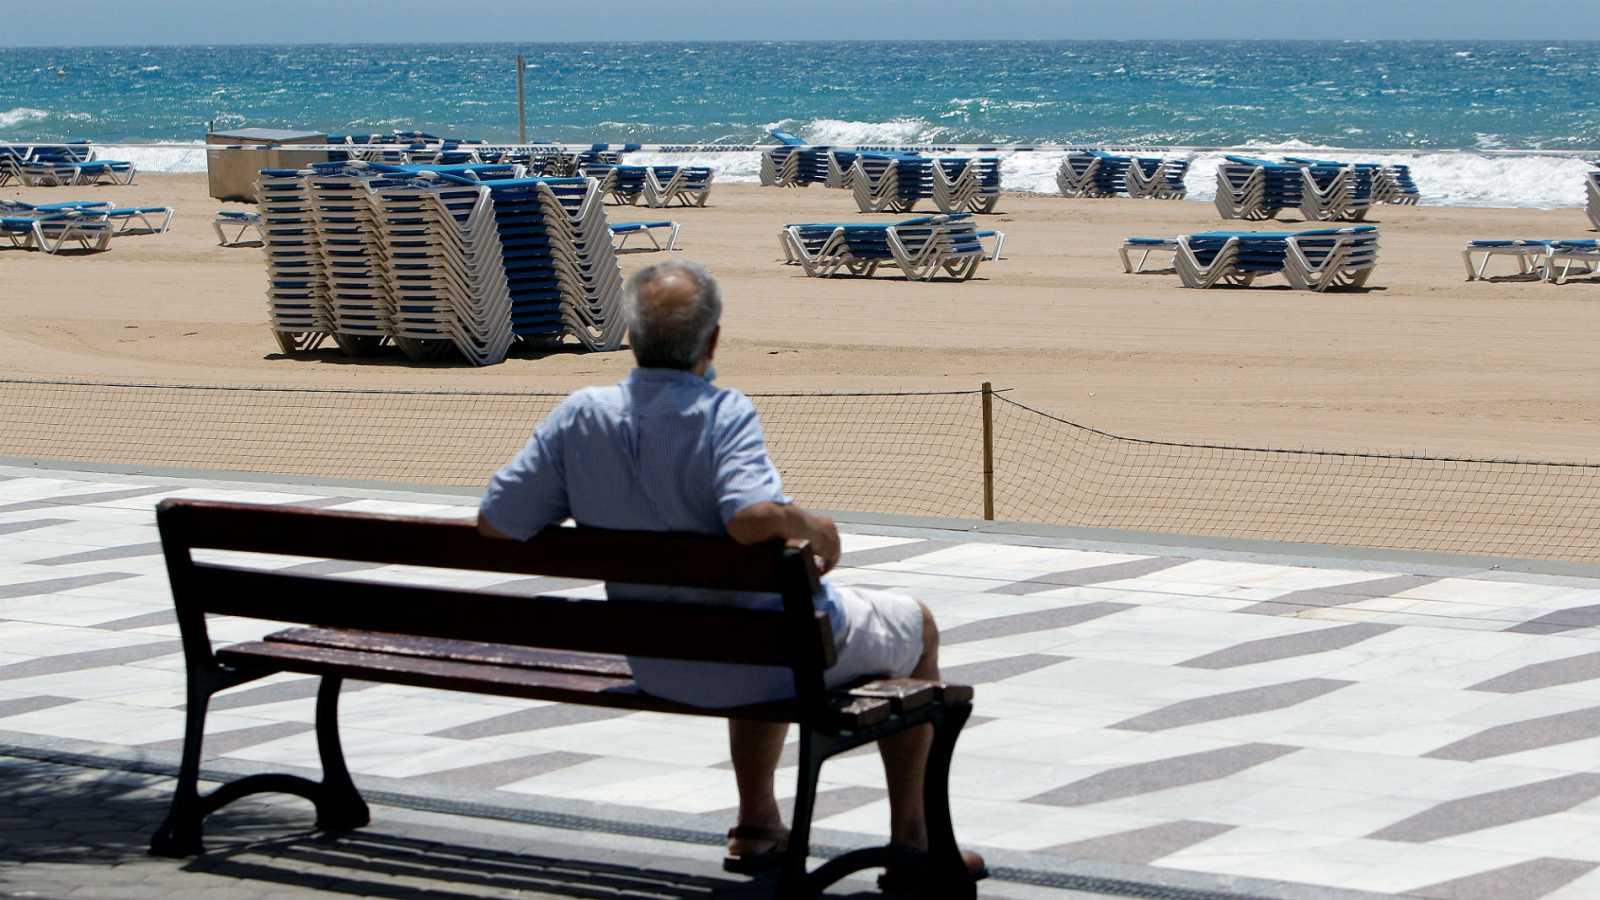 El sector del turismo calcula que cada semana pierde 5.000 millones de euros por el coronavirus